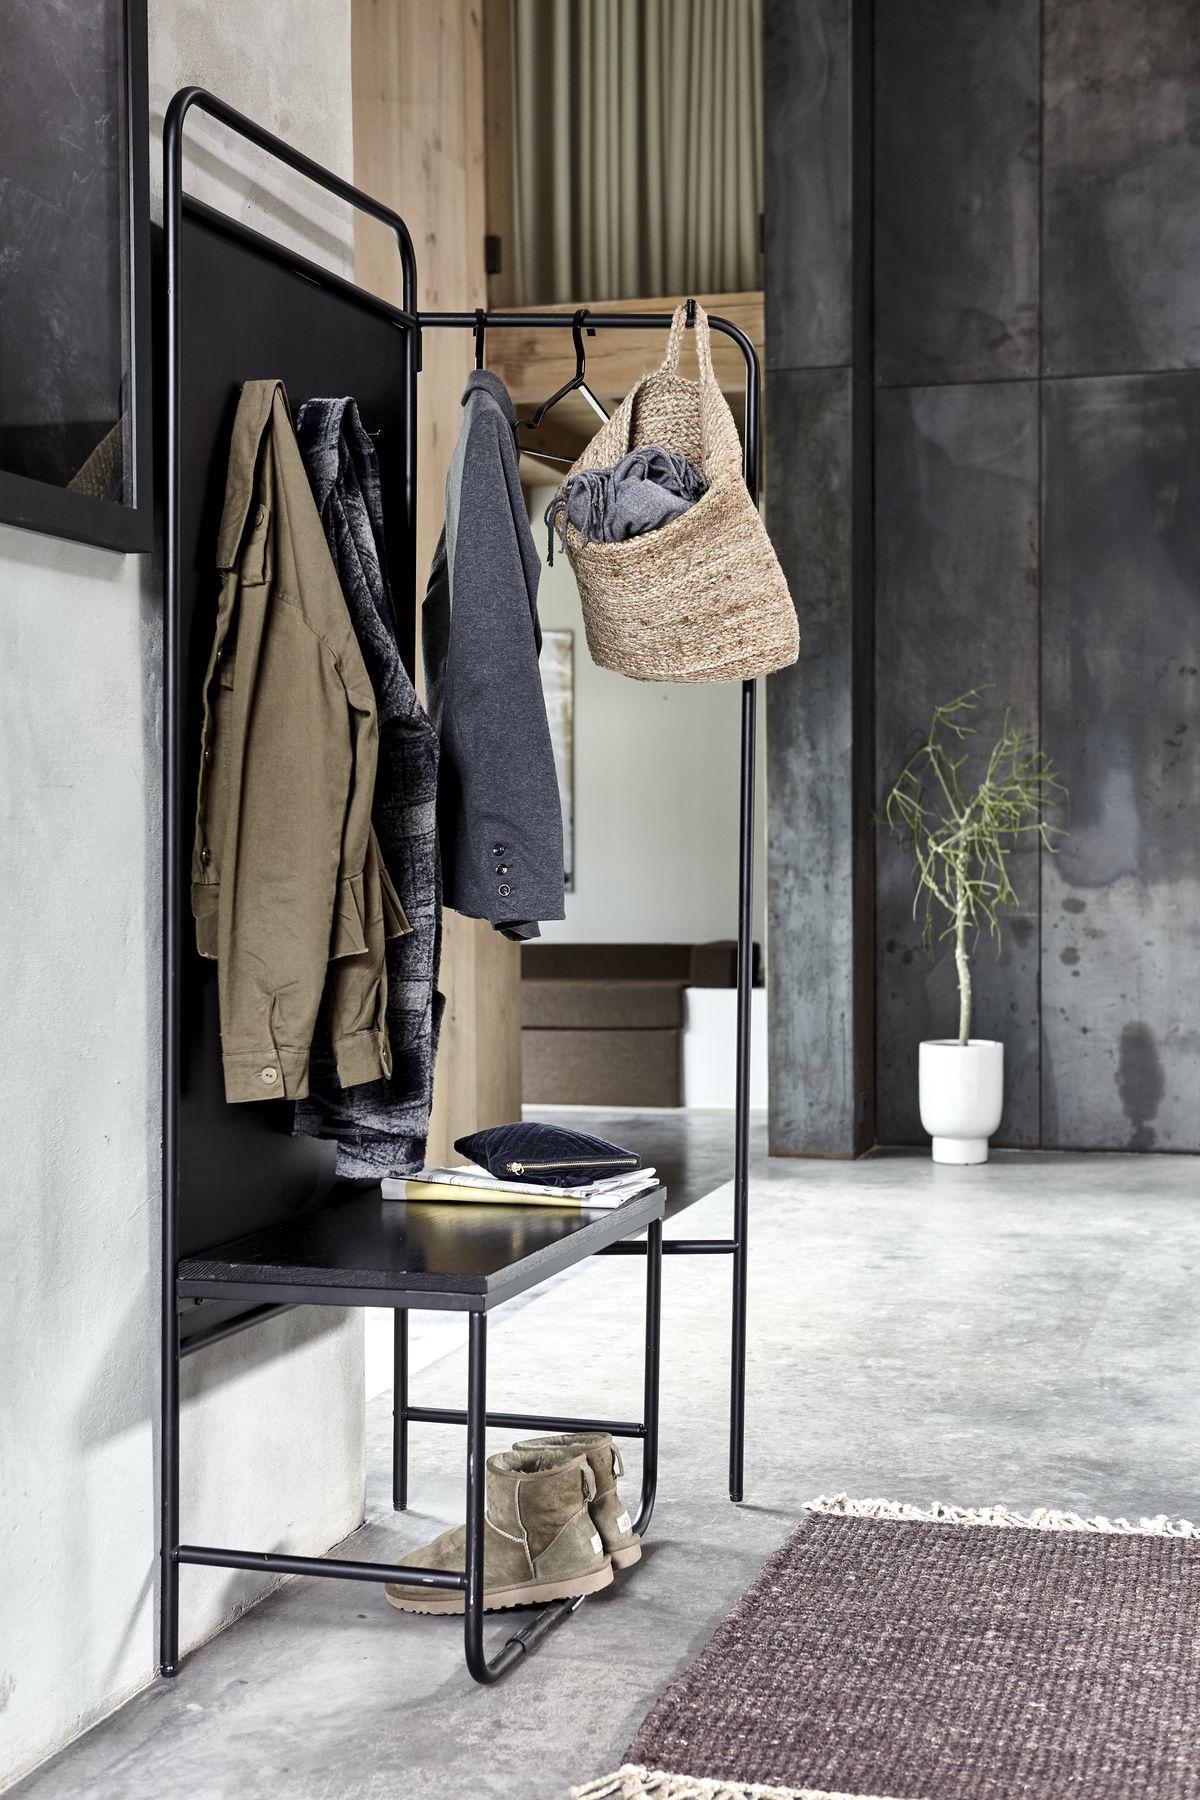 die besten wohntipps f r jedes zimmer blog. Black Bedroom Furniture Sets. Home Design Ideas